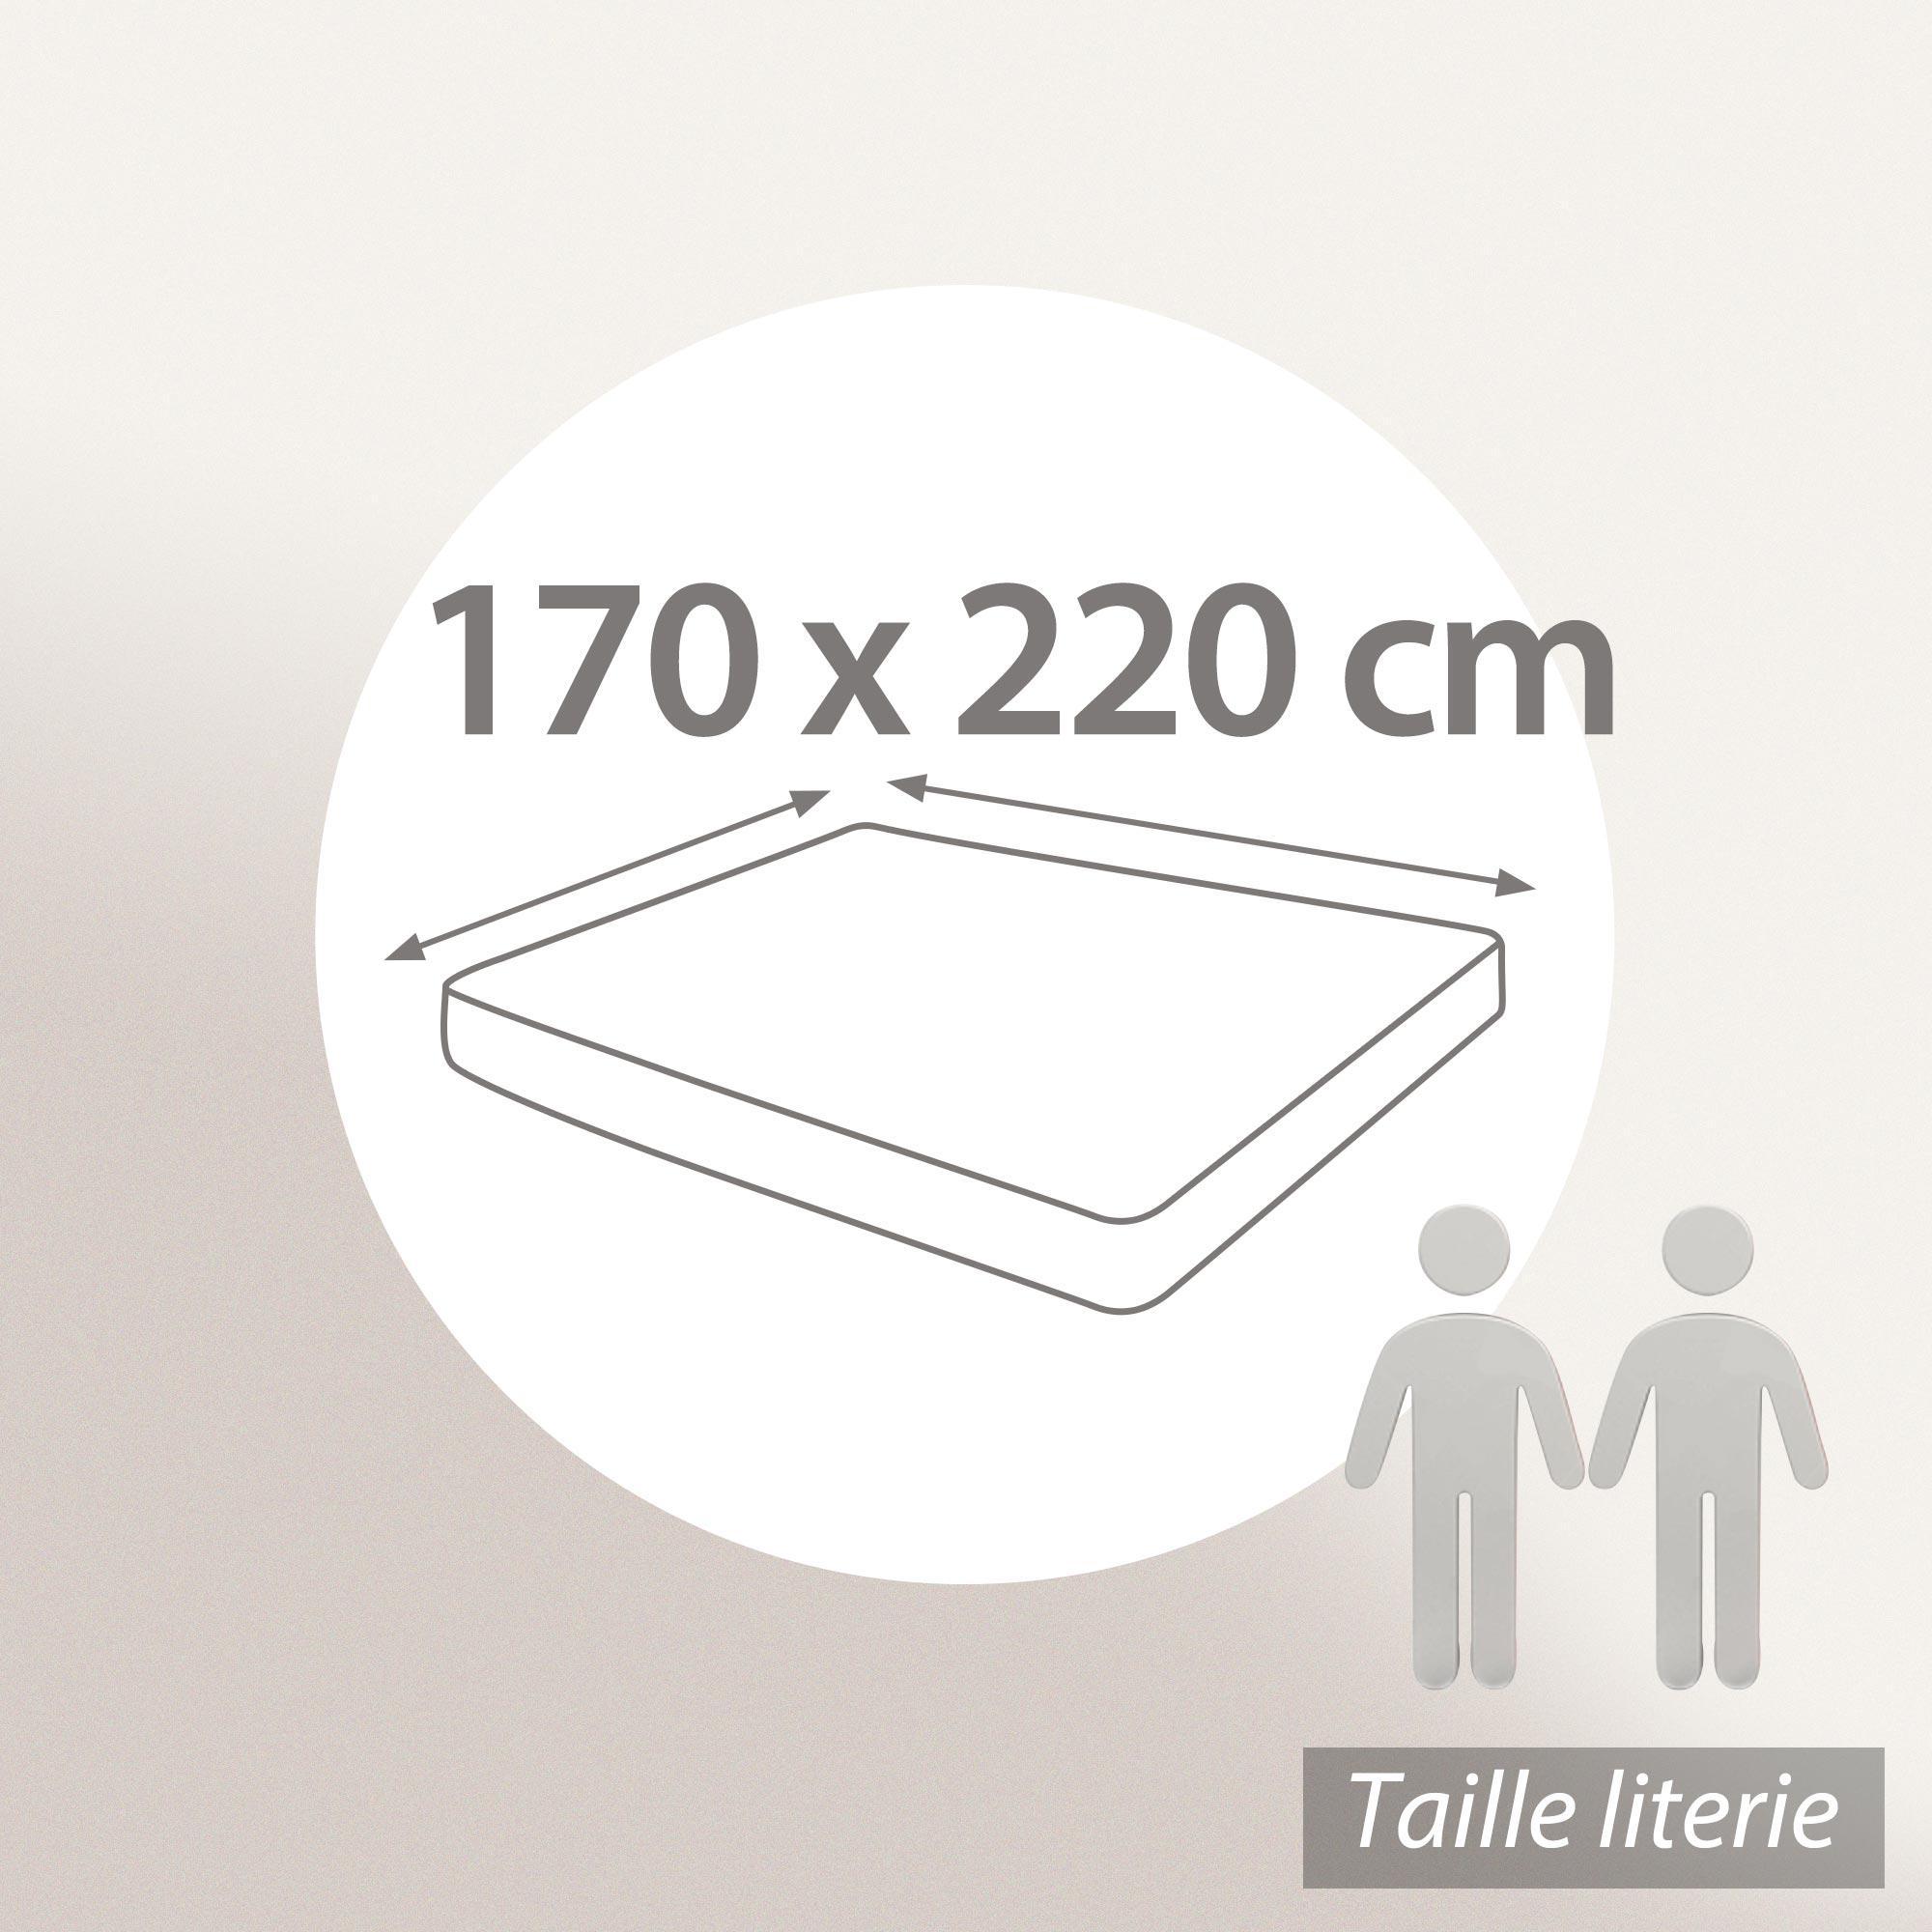 prot ge matelas imperm able 170x220 cm antony molleton enduction acrylique bonnet 30cm. Black Bedroom Furniture Sets. Home Design Ideas